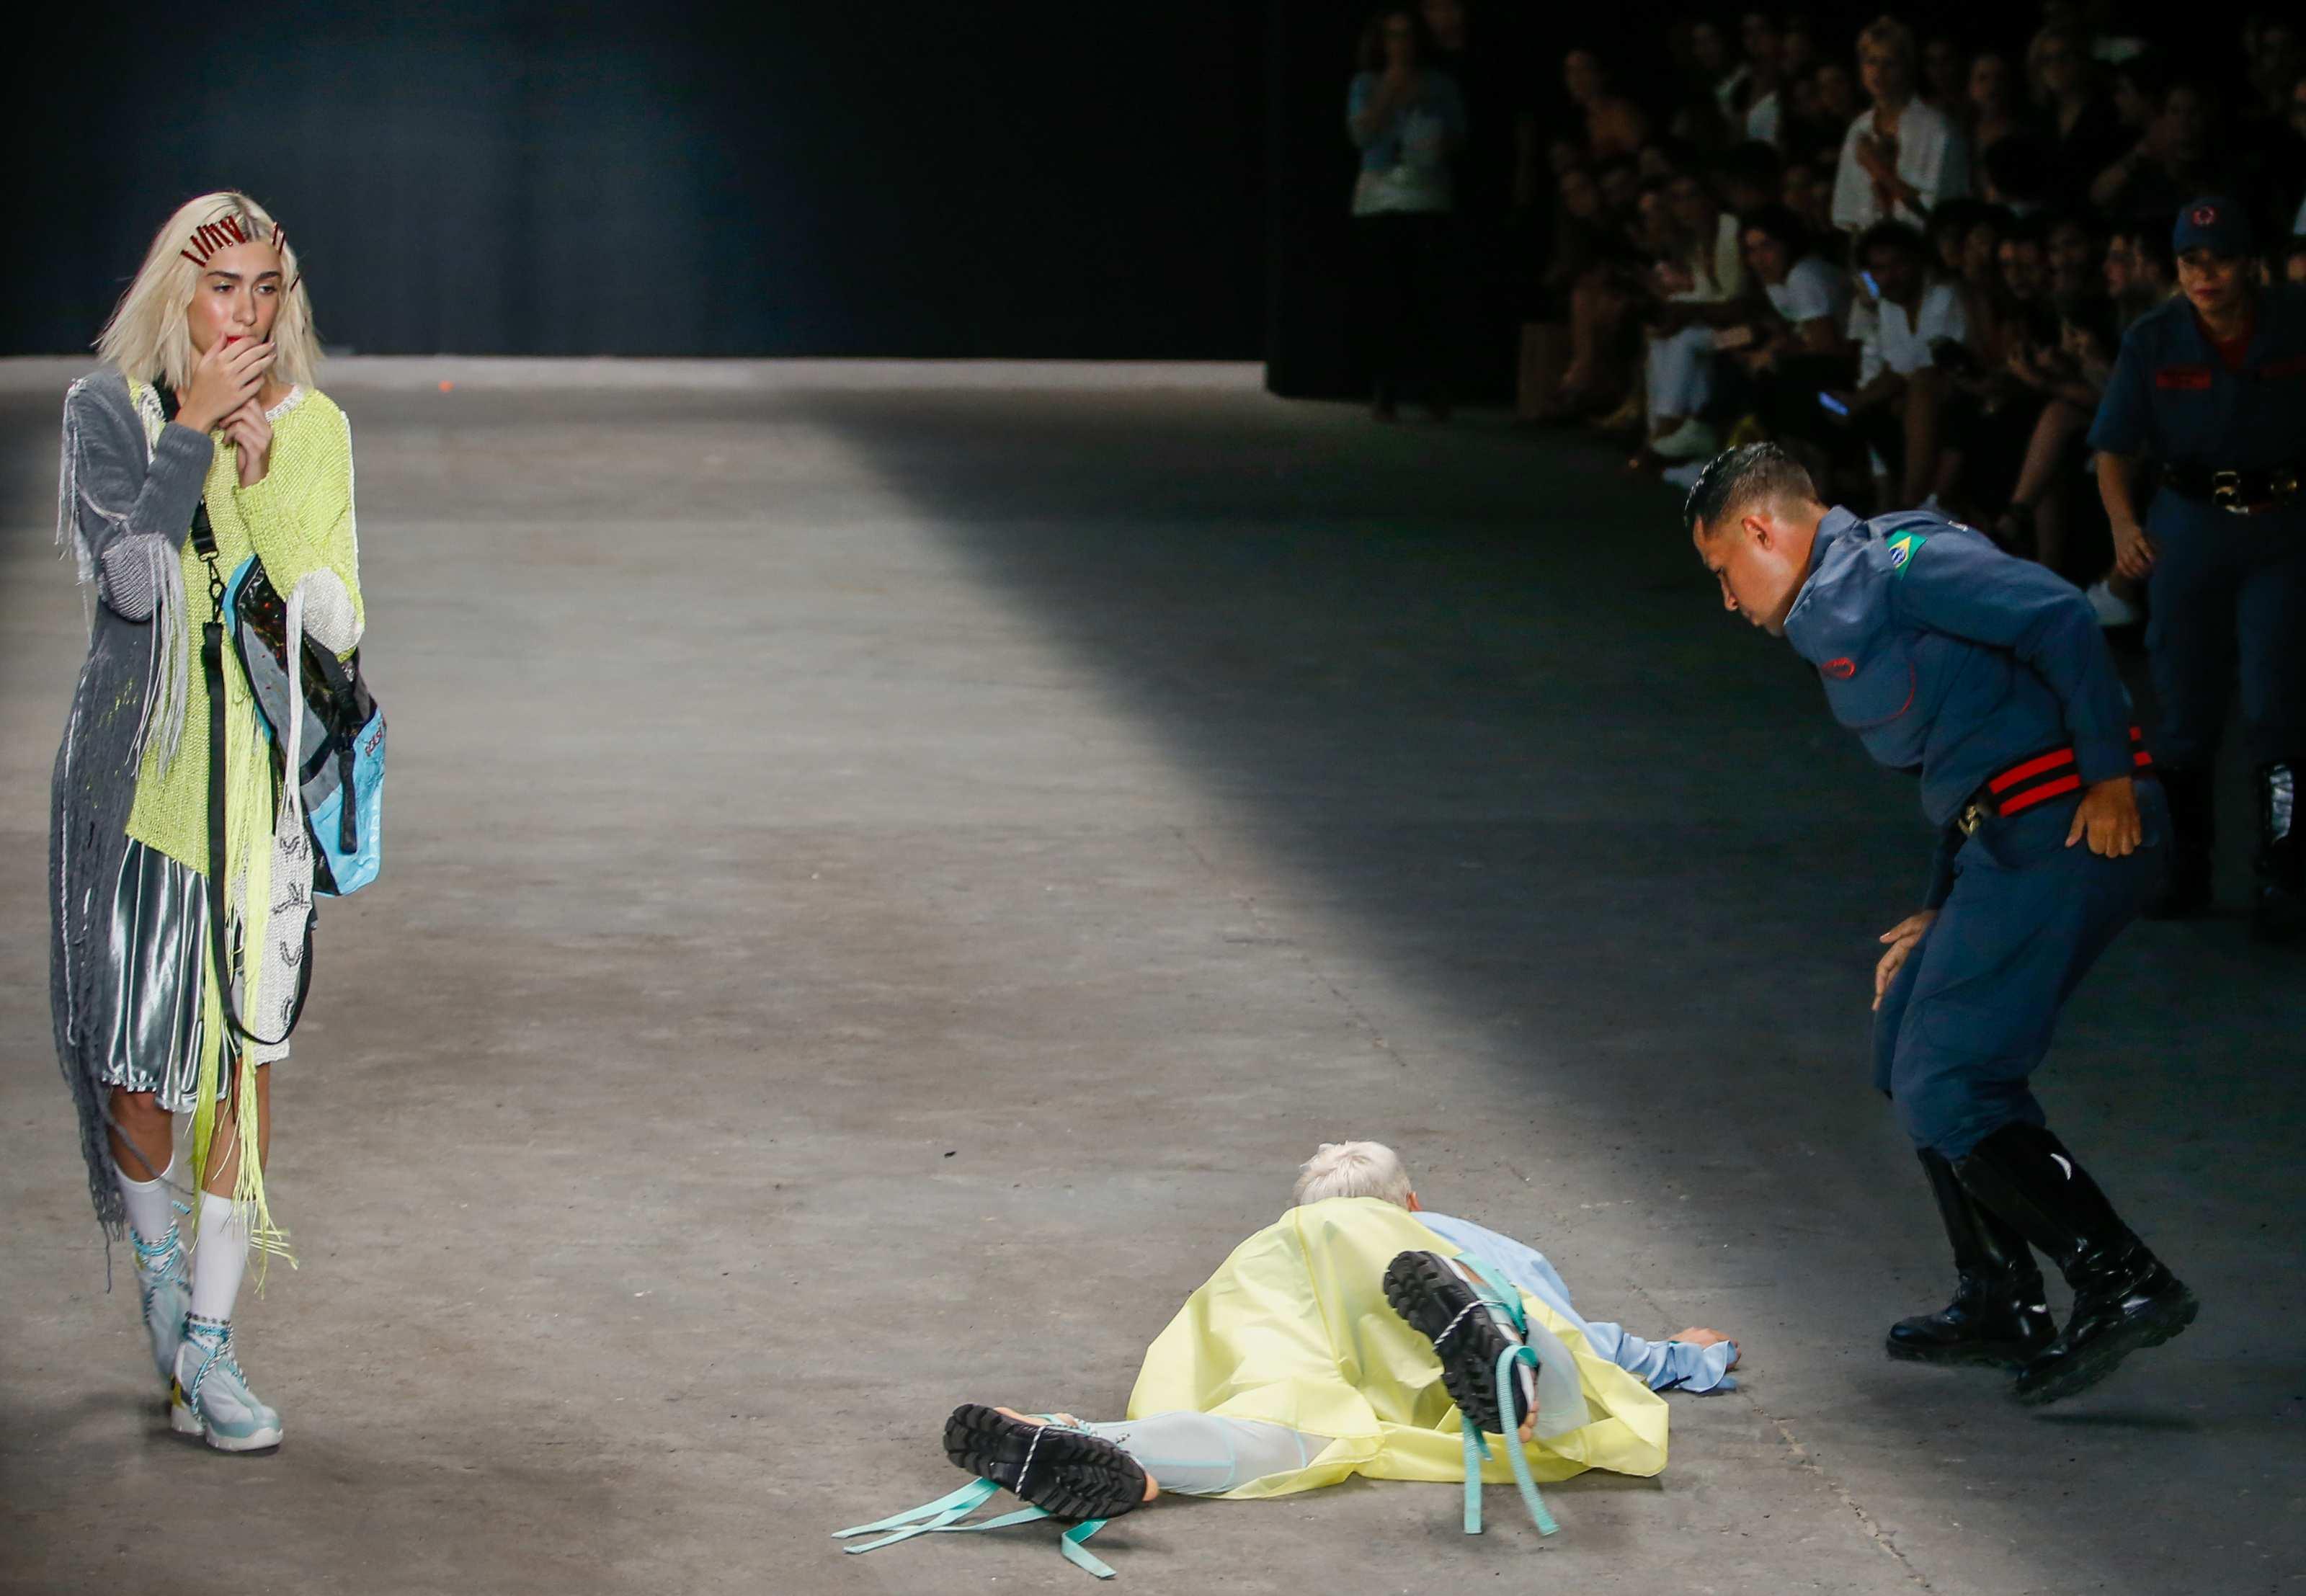 Tragedie în lumea modei. Manechinul Tales Soares a murit după ce a căzut pe podium